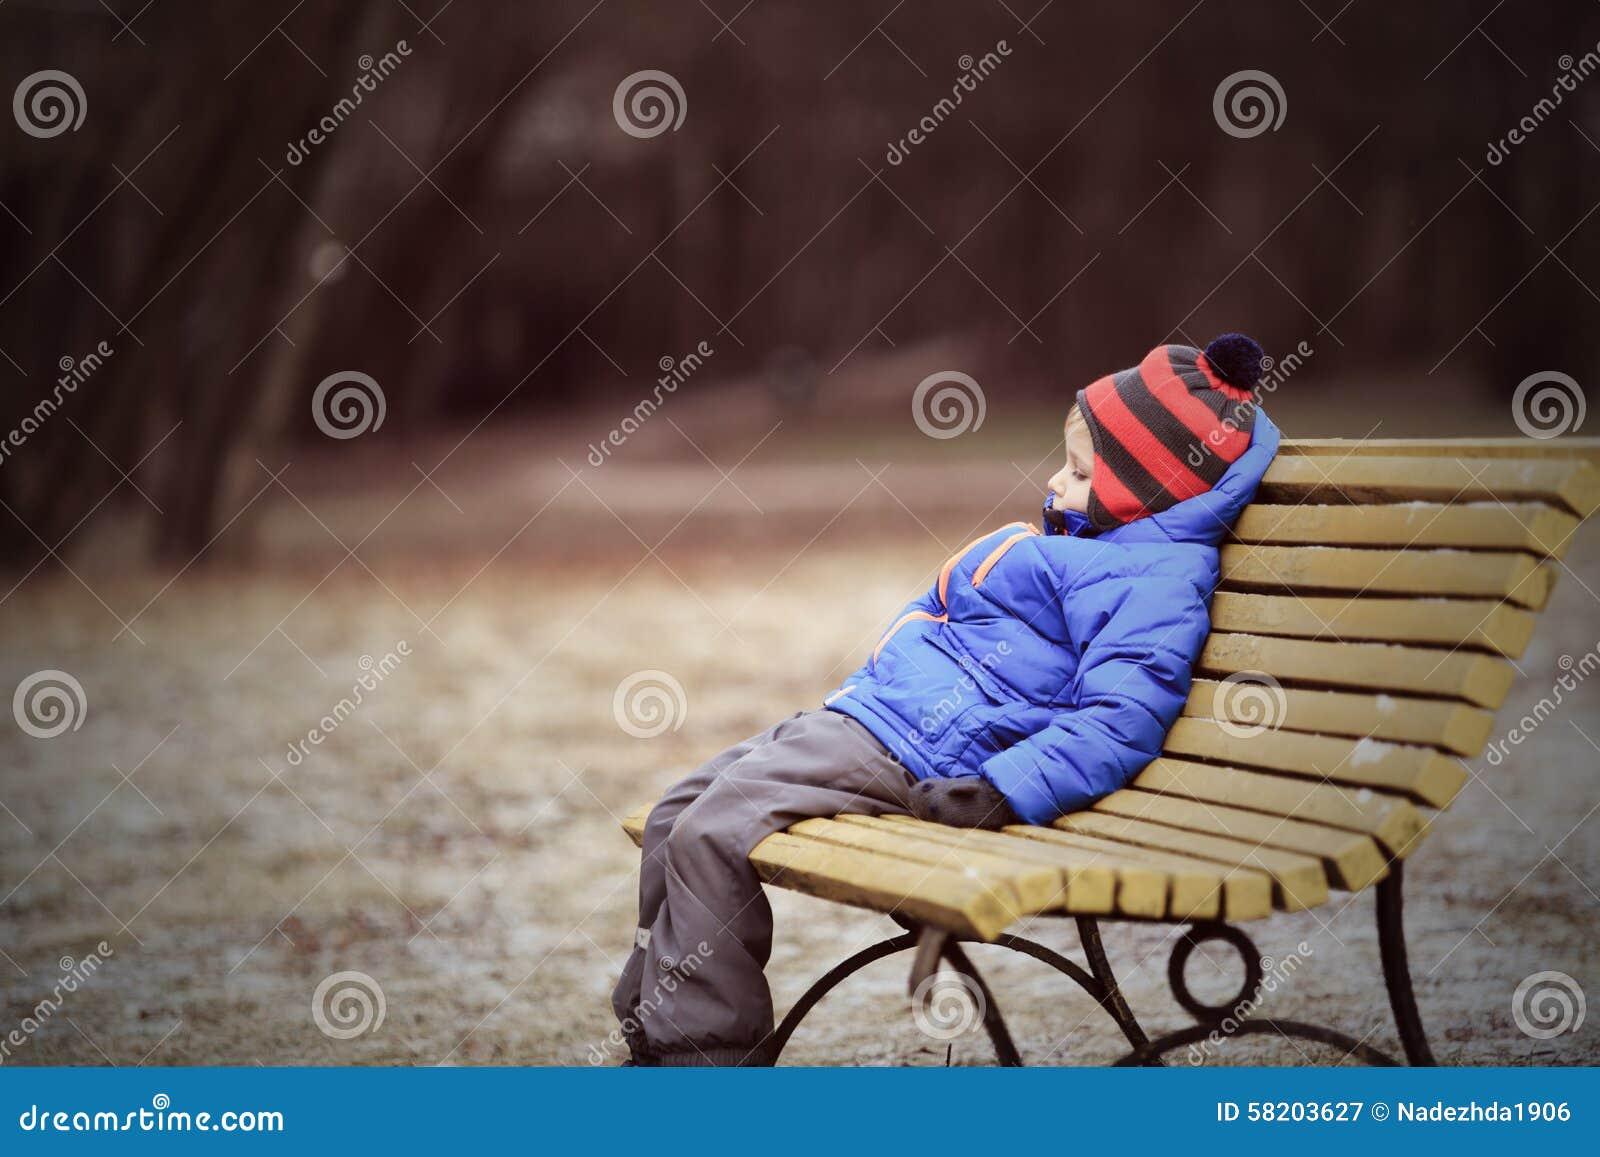 孤独的孩子坐长凳在公园,冬天消沉.